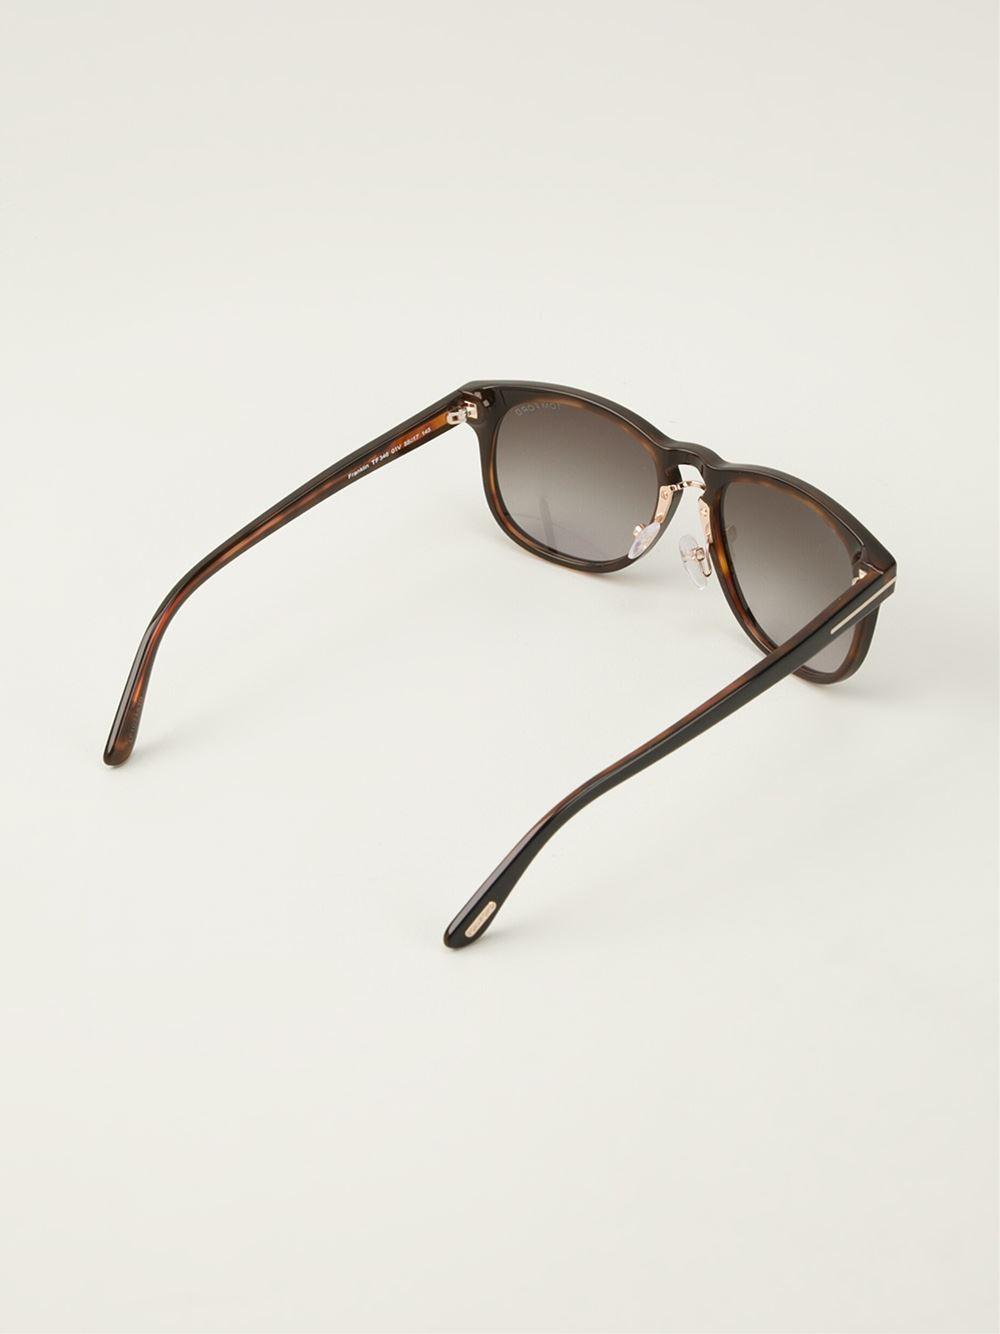 Hermosa Gafas De Sol D Frame Adorno - Ideas Personalizadas de Marco ...